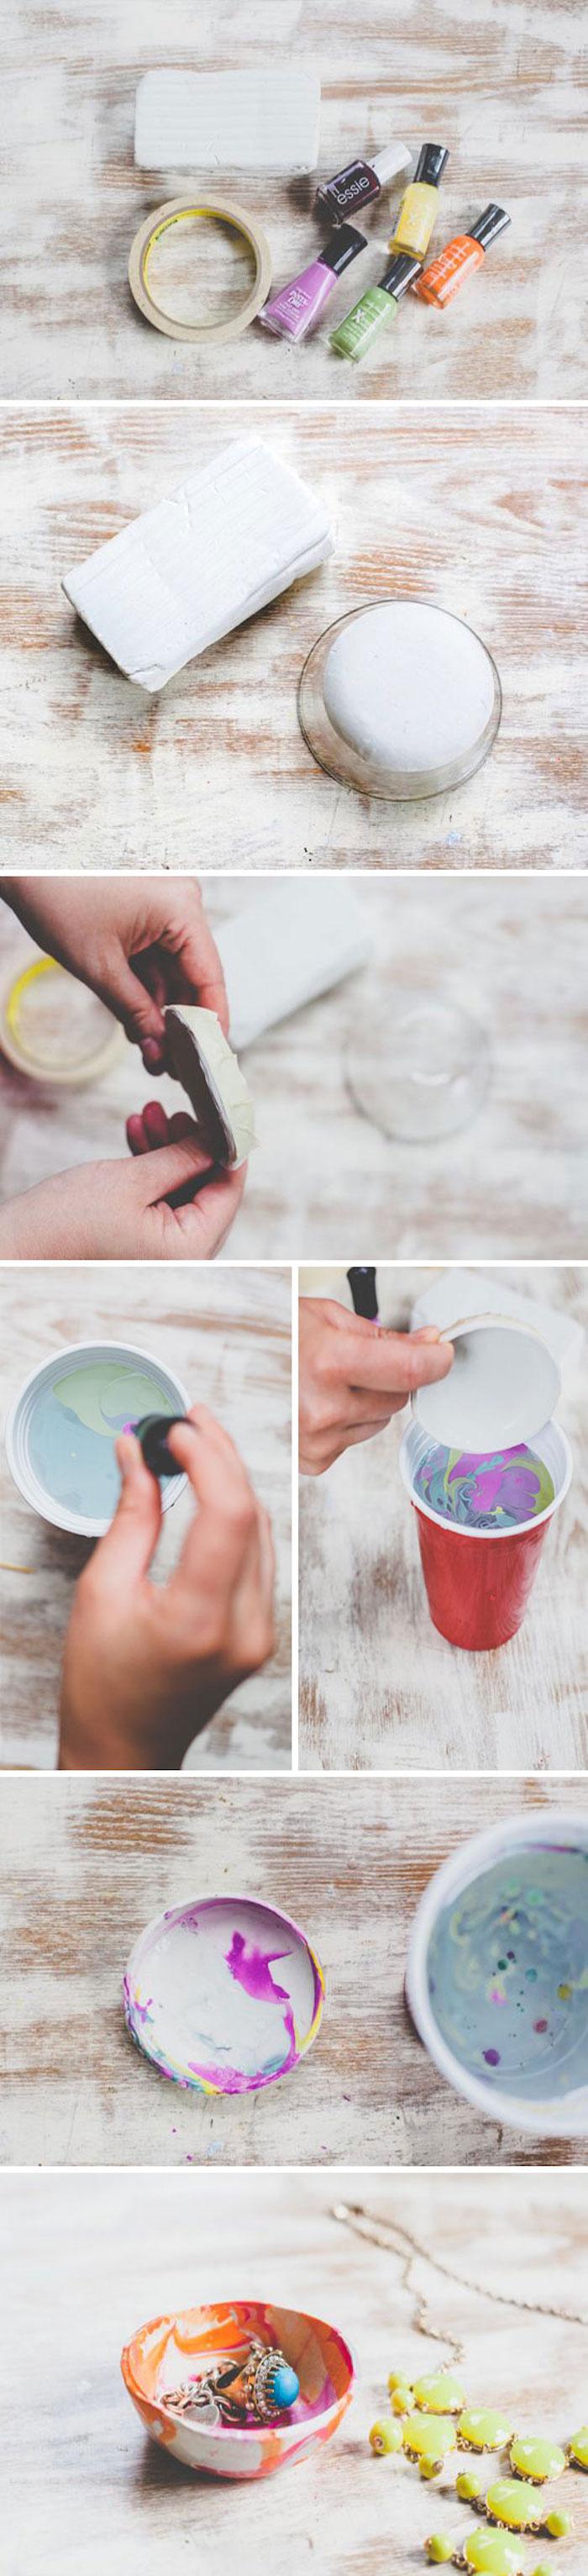 ideas para hacer un recipiente de arcilla decorativo para guardar joyas, manualidades paso a paso en bonitas imagenes